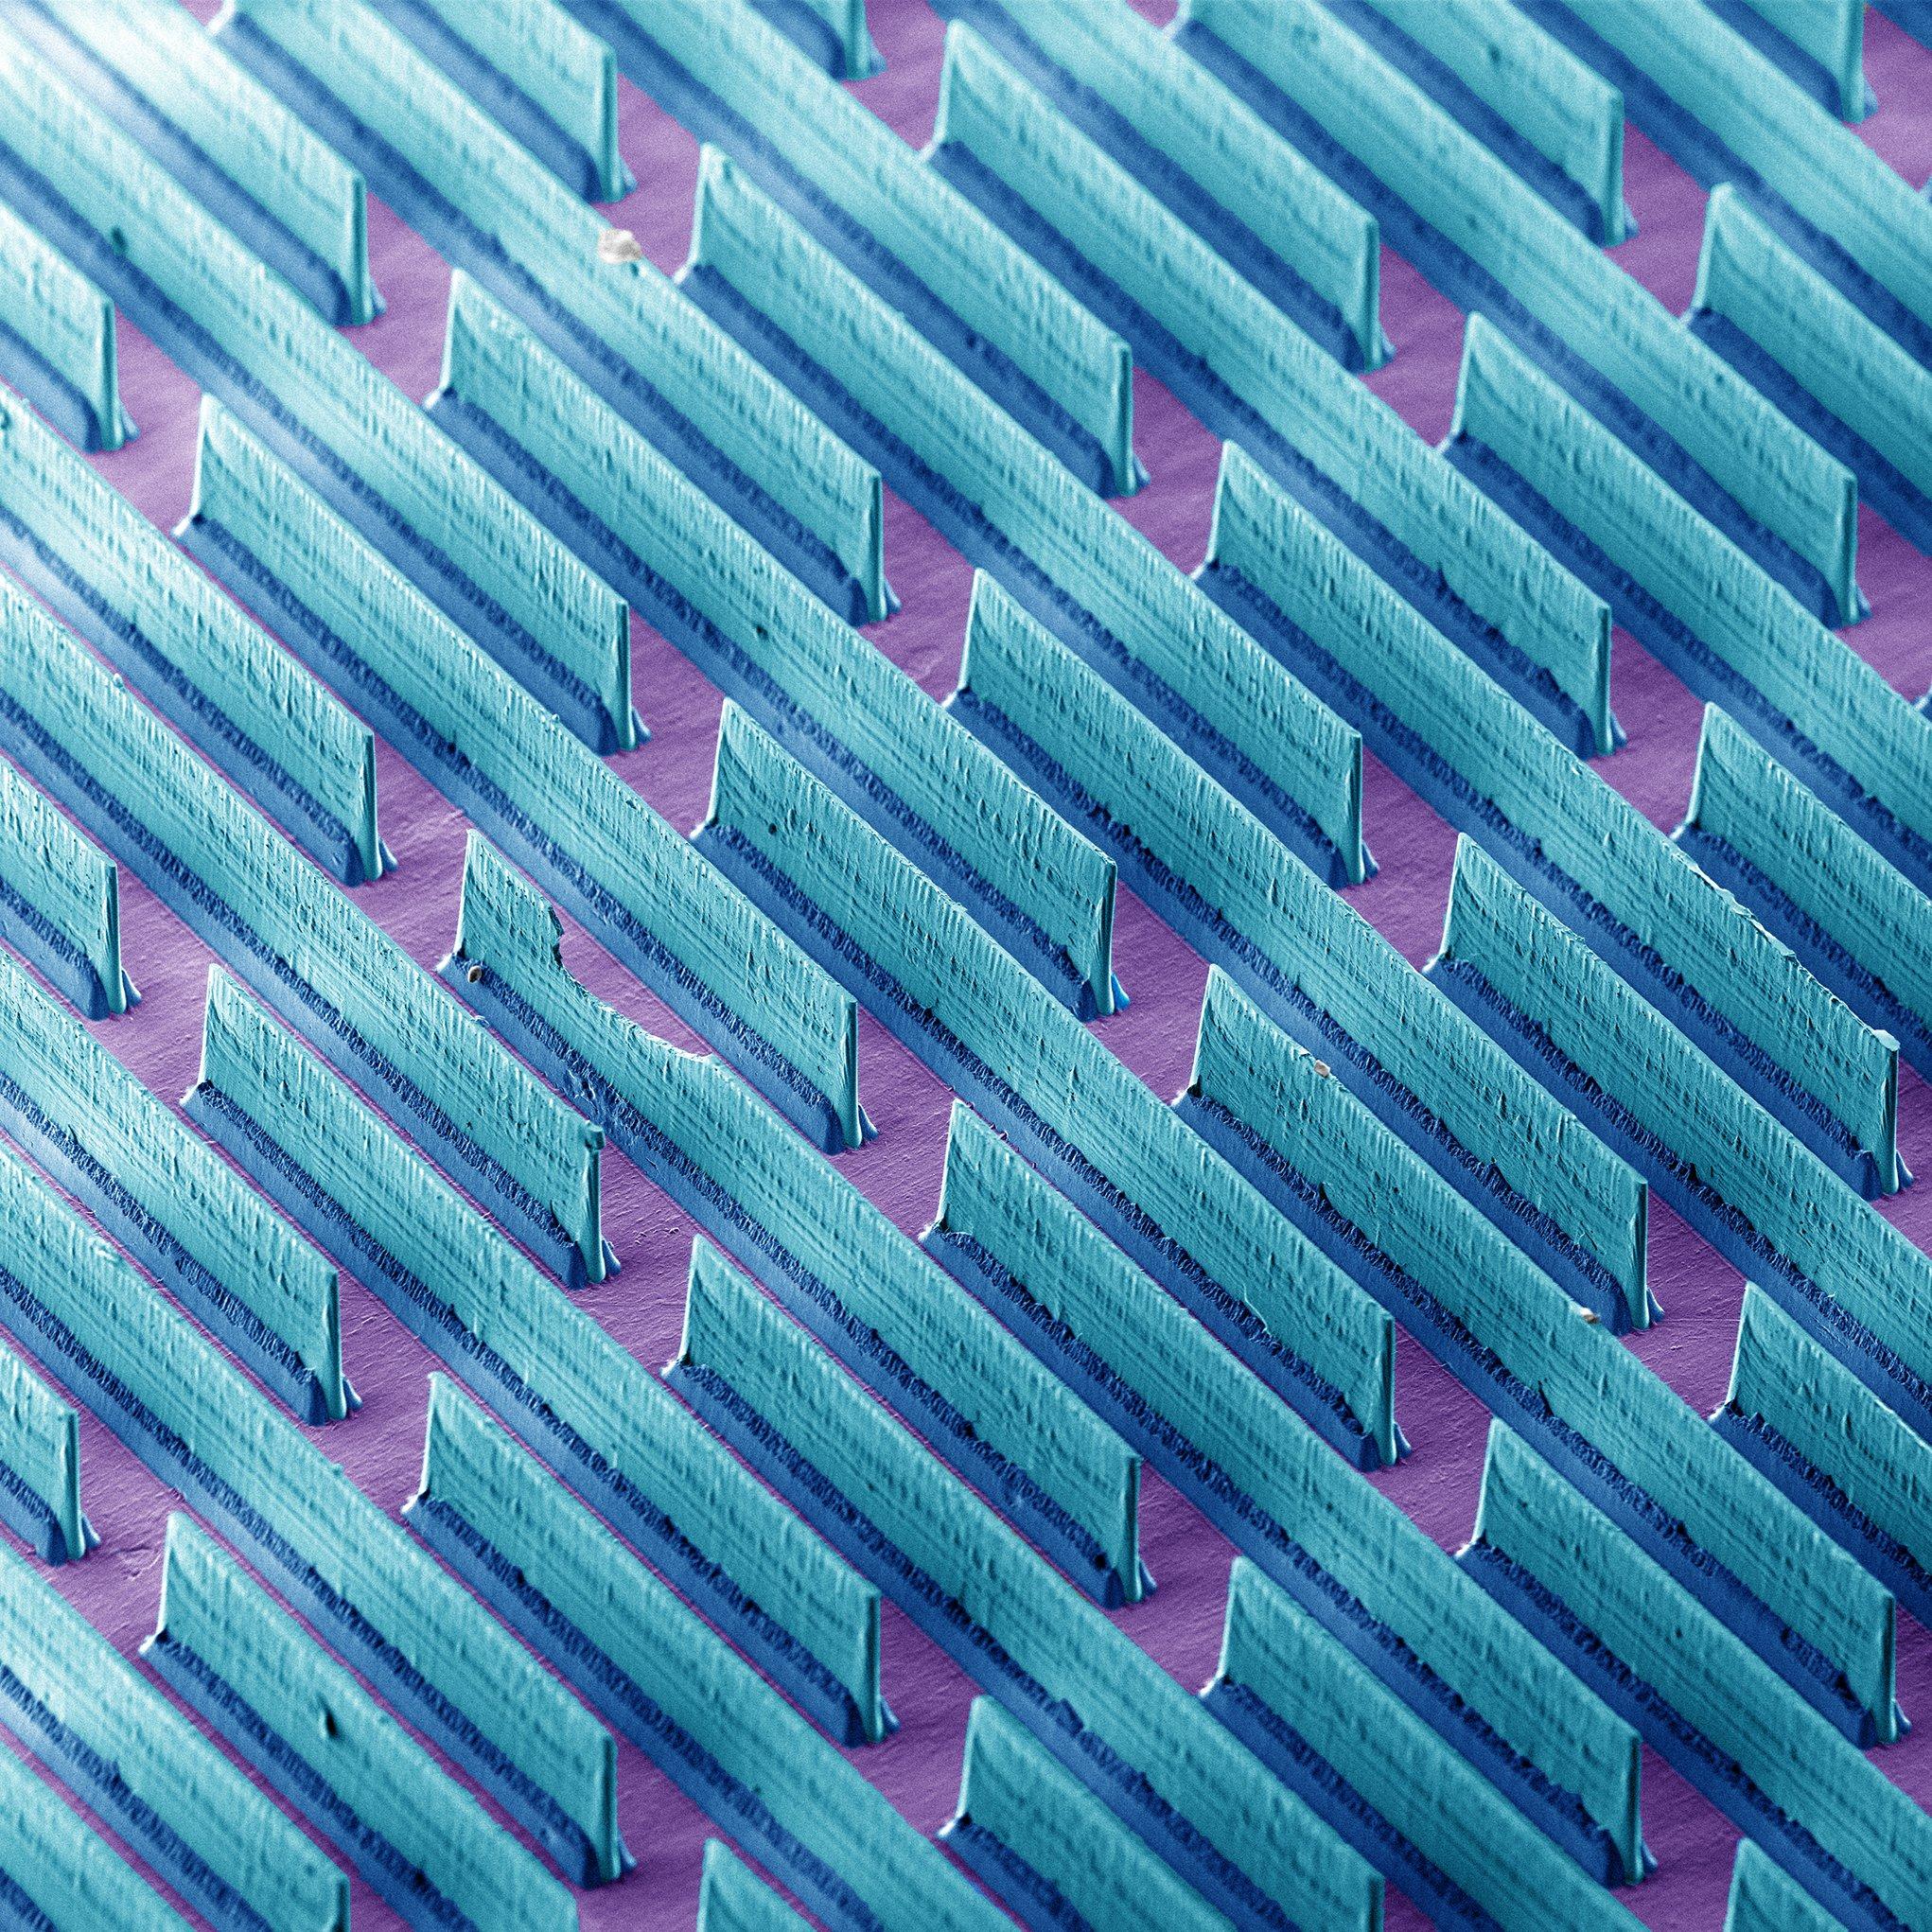 Nesta imagem de microscopia eletrônica, observamos as minúsculas lâminas presentes no adesivo inspirado nas patas de lagartixas proposto por Kang e Varenberg (2017)